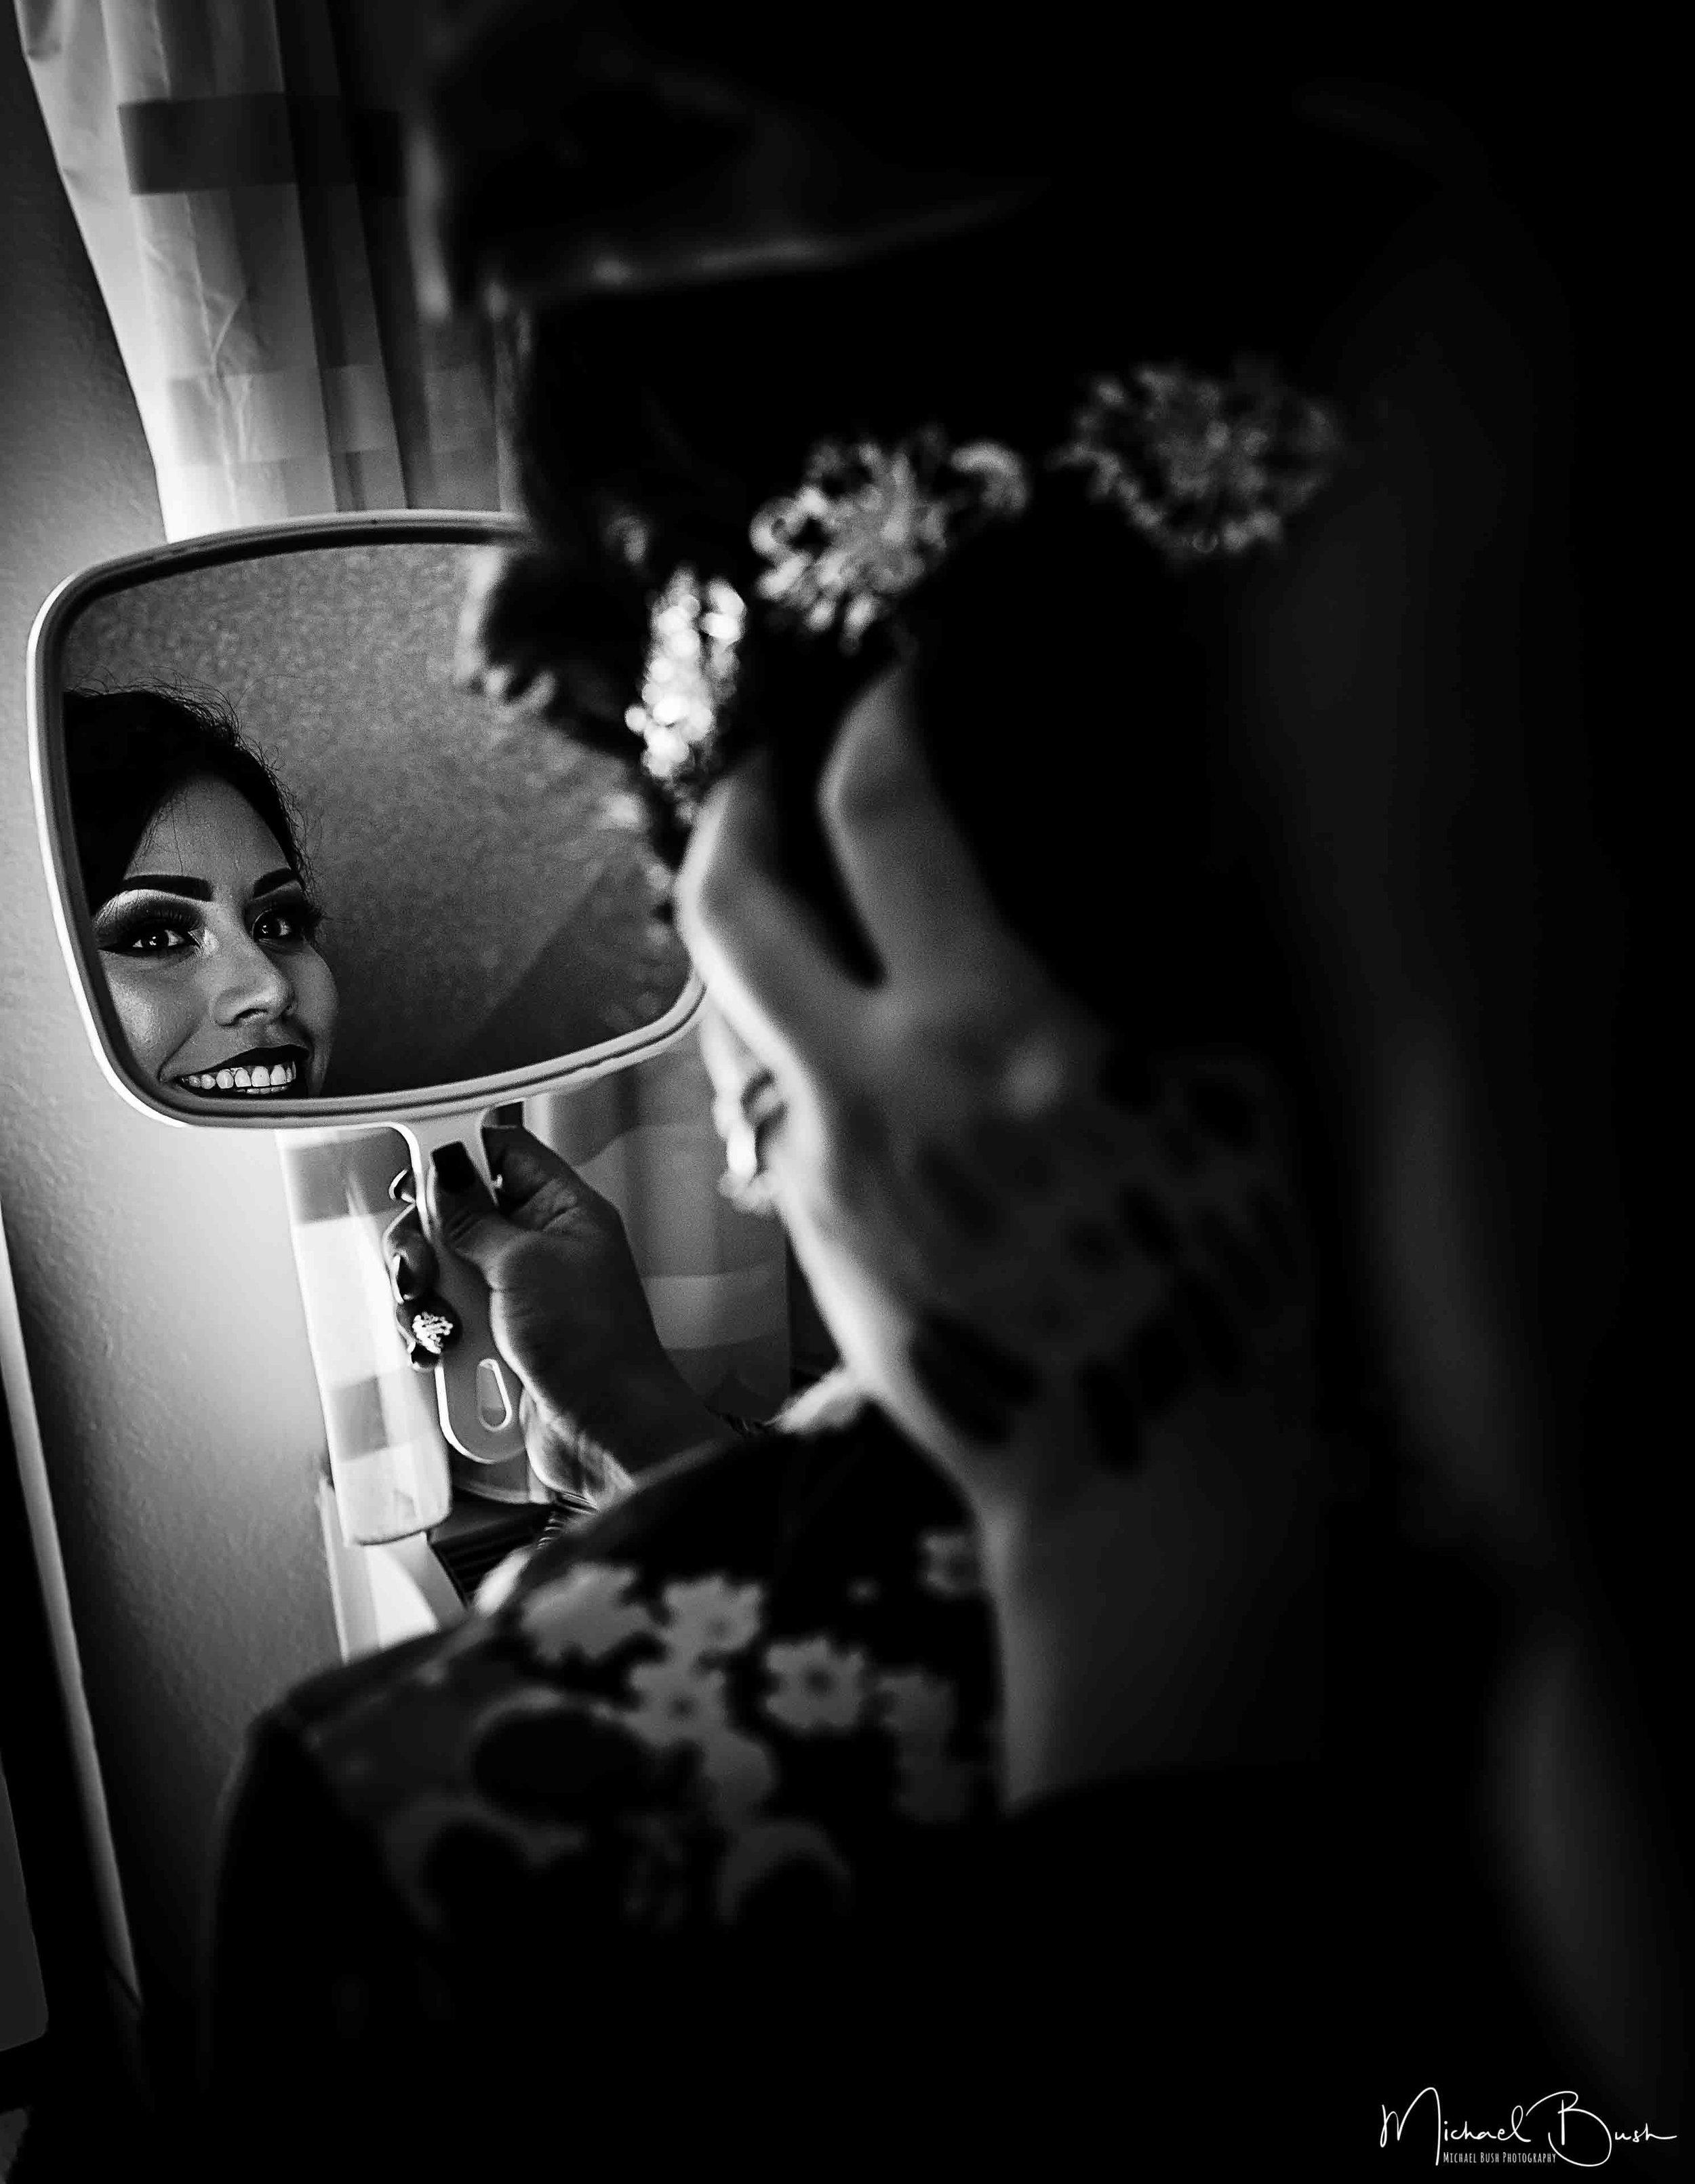 Wedding-Details-Bride-Fort Worth-colors-Getting Ready-MUA-brides-b&w-reflection-mirror.jpg